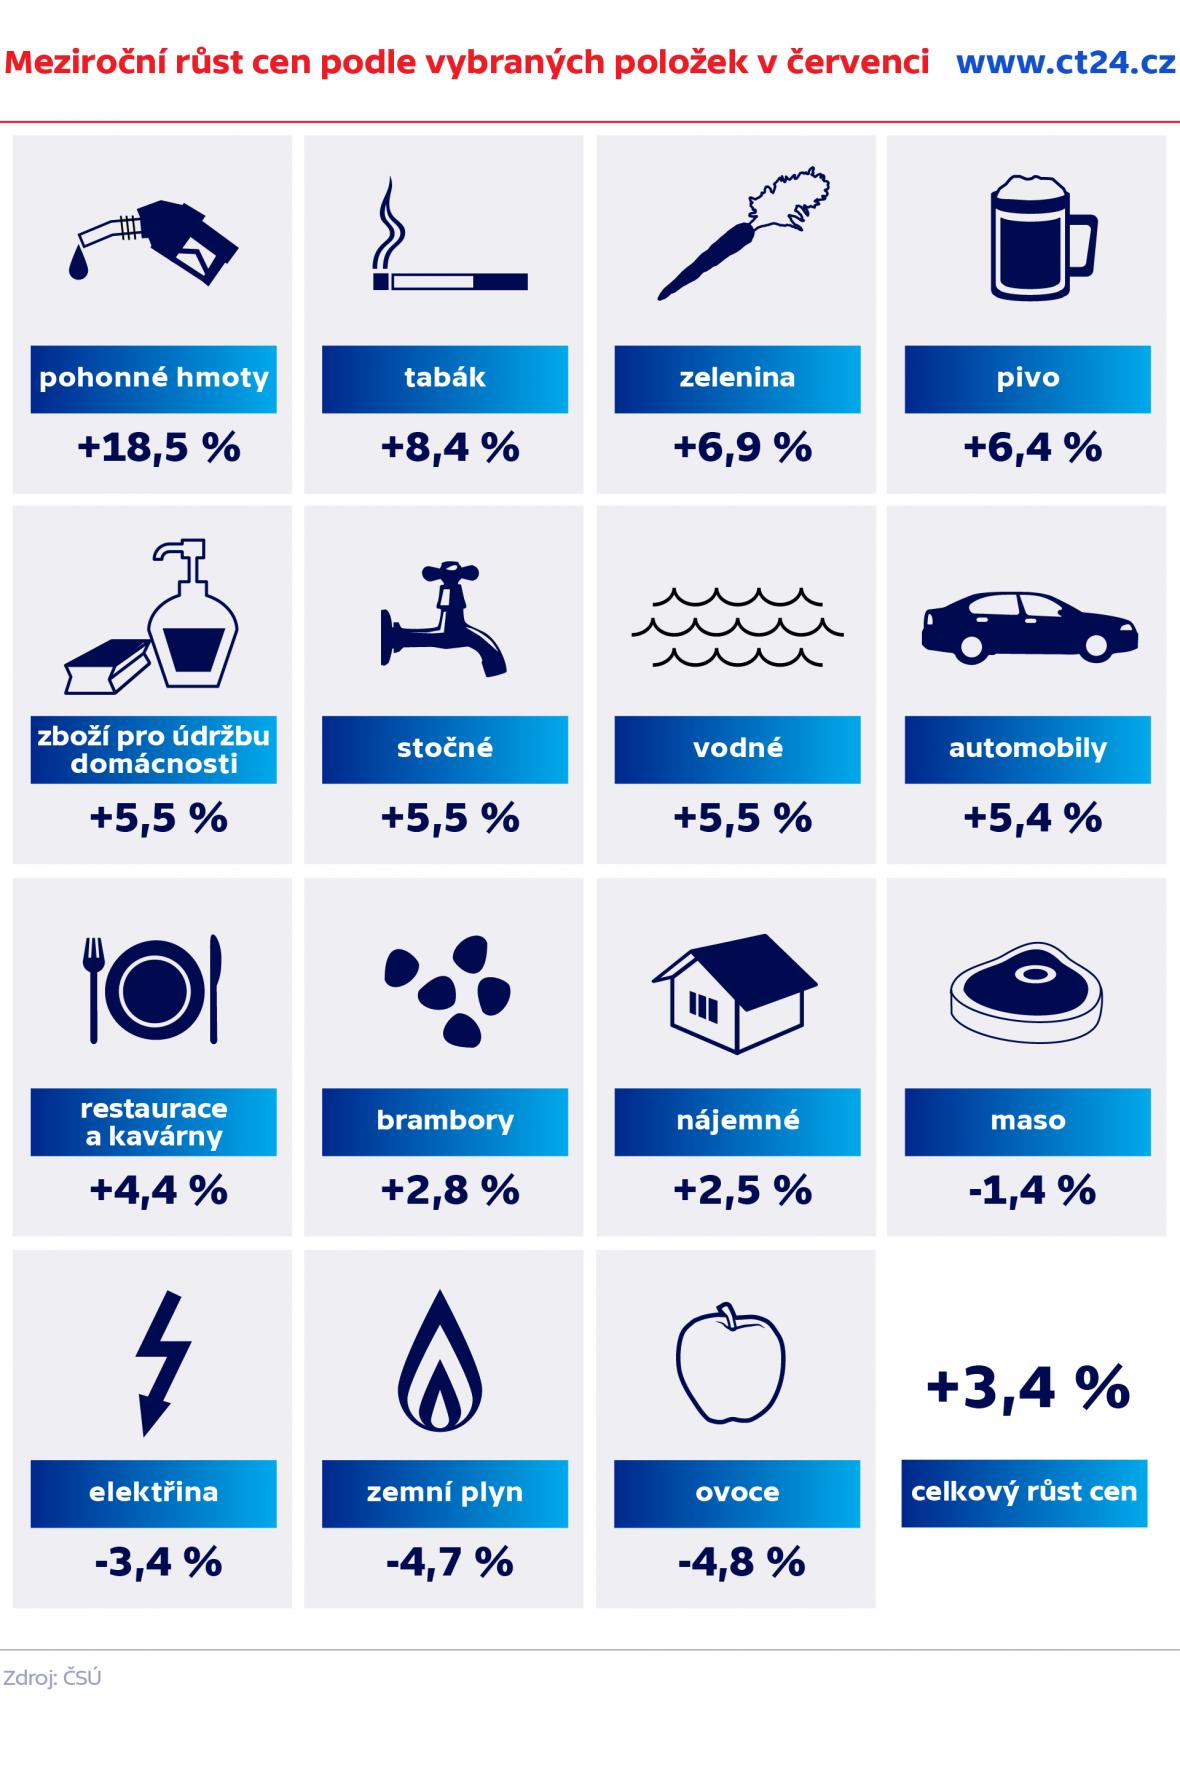 Meziroční růst cen podle vybraných položek v červenci